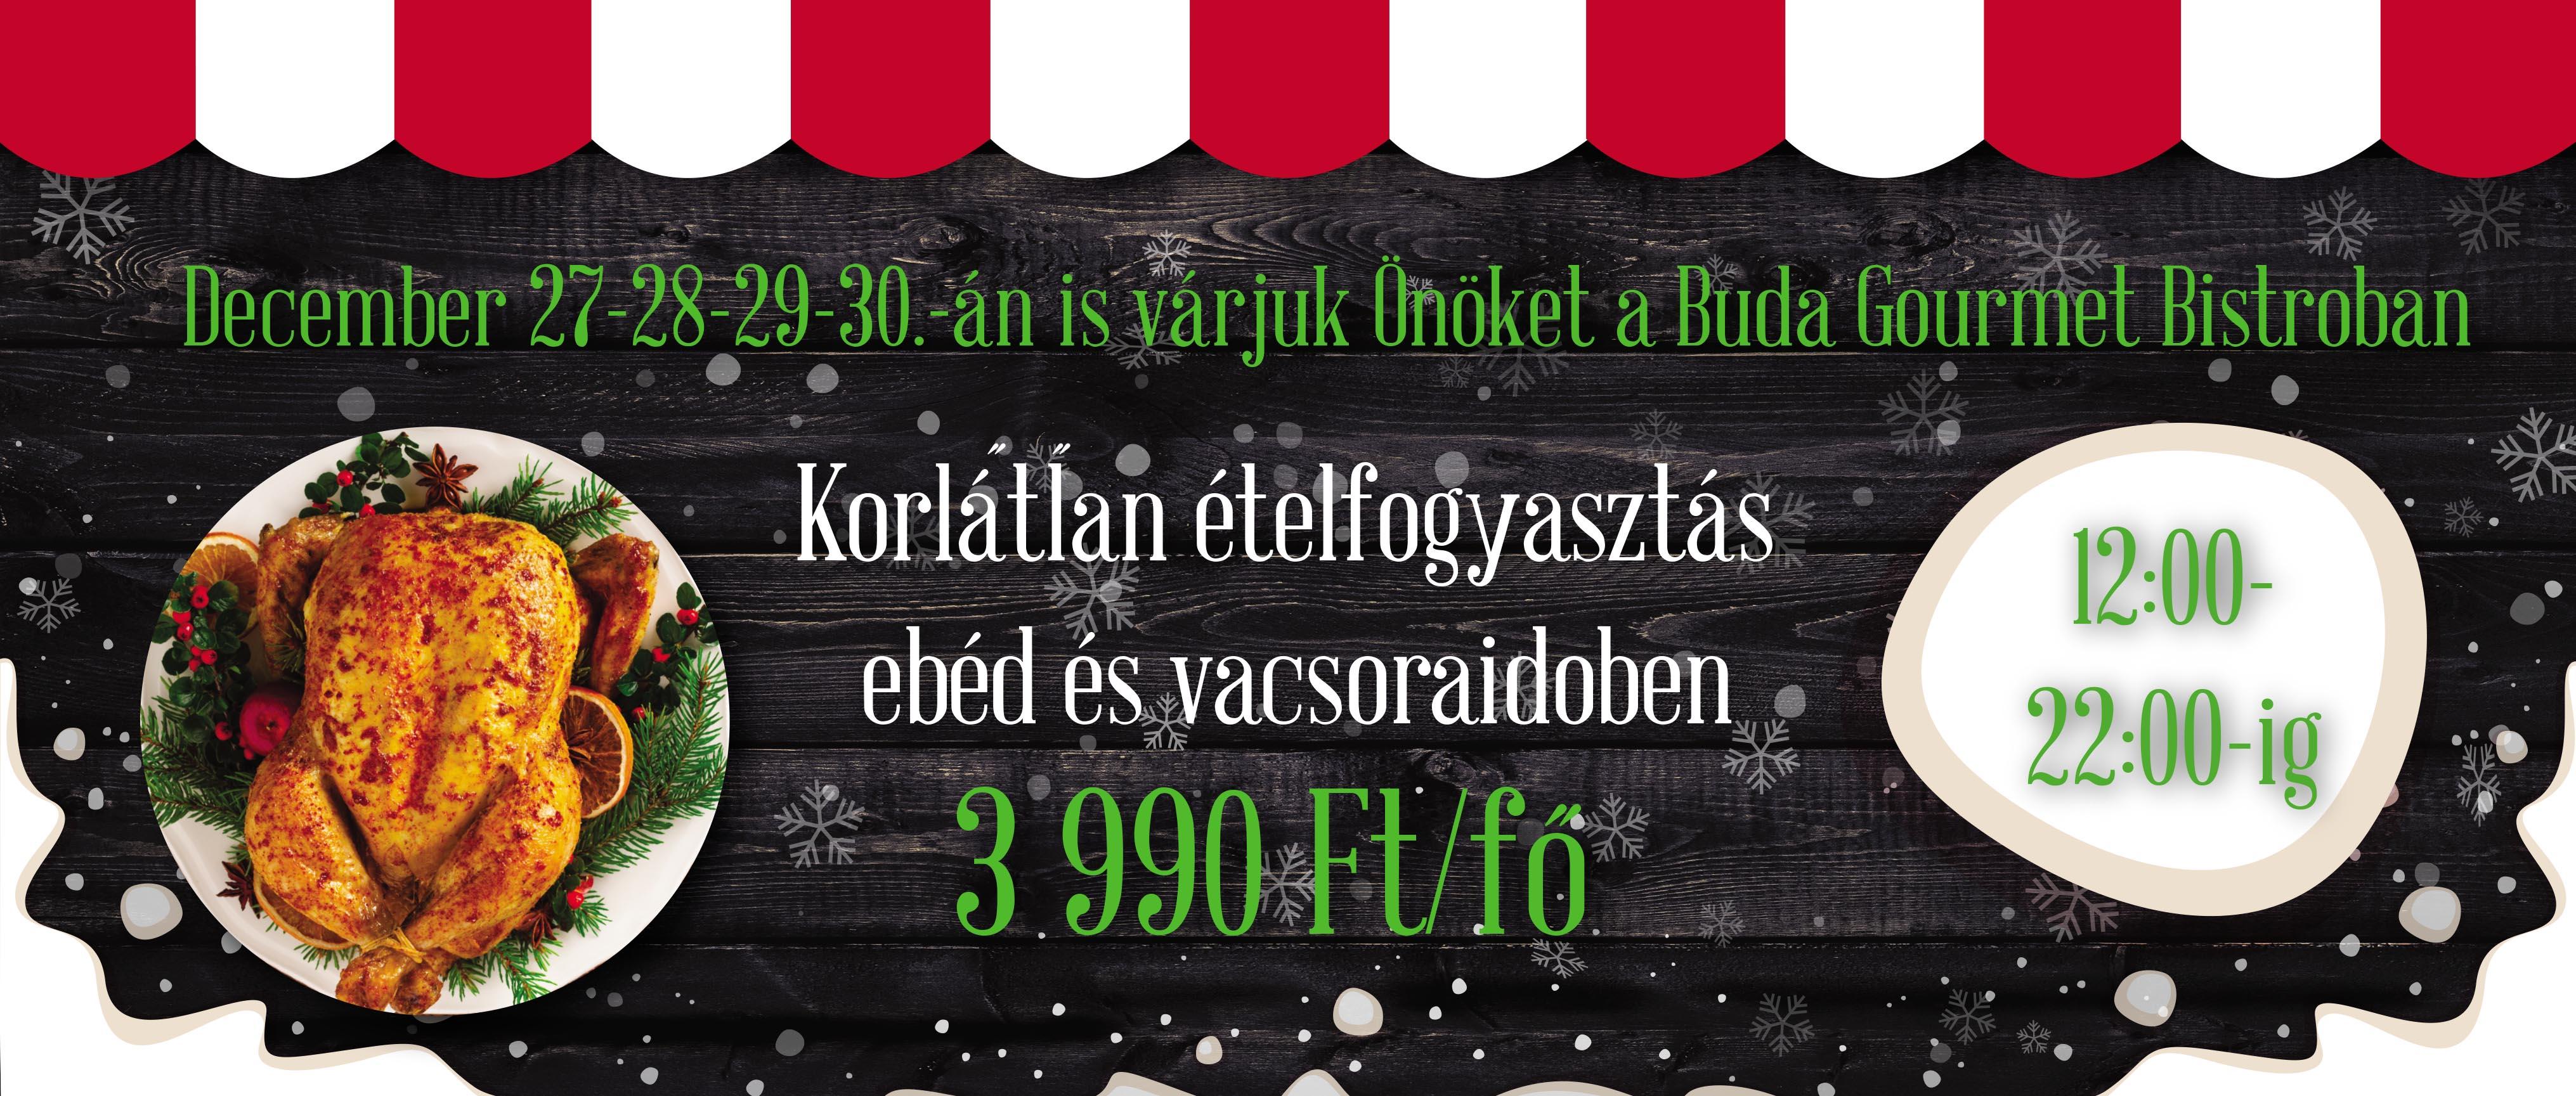 4a6a0137b2 Buda Gourmet Étterem - Svédasztal és A'la carte étlap - Ünnepélyes ...